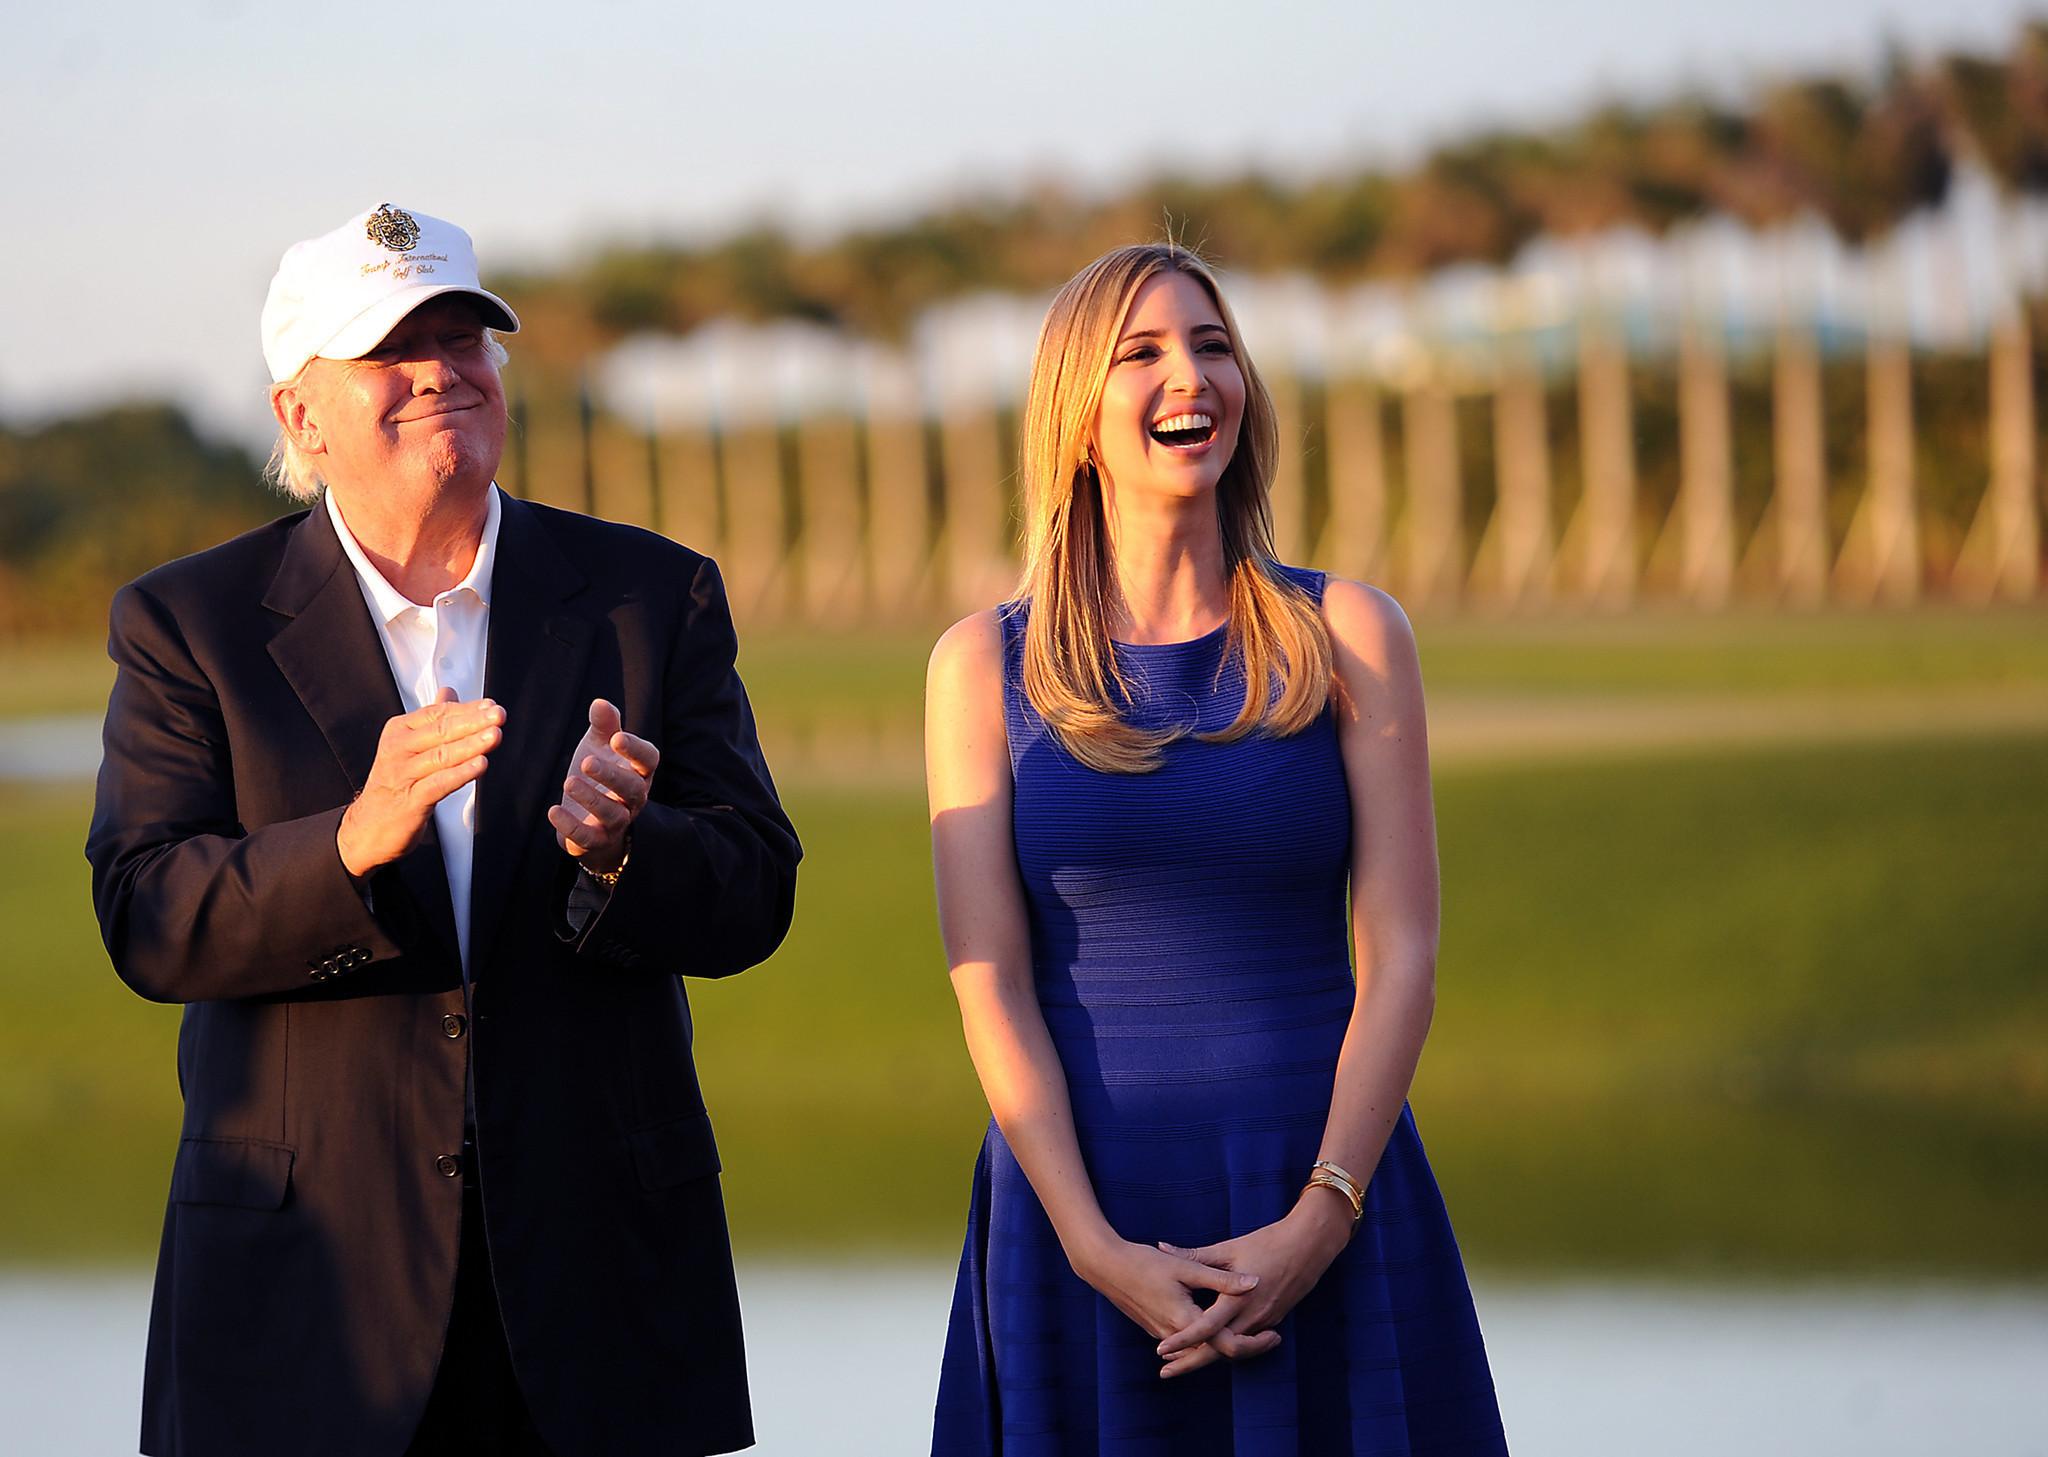 Fl-sp-heat-charity-golf-trump-20171017